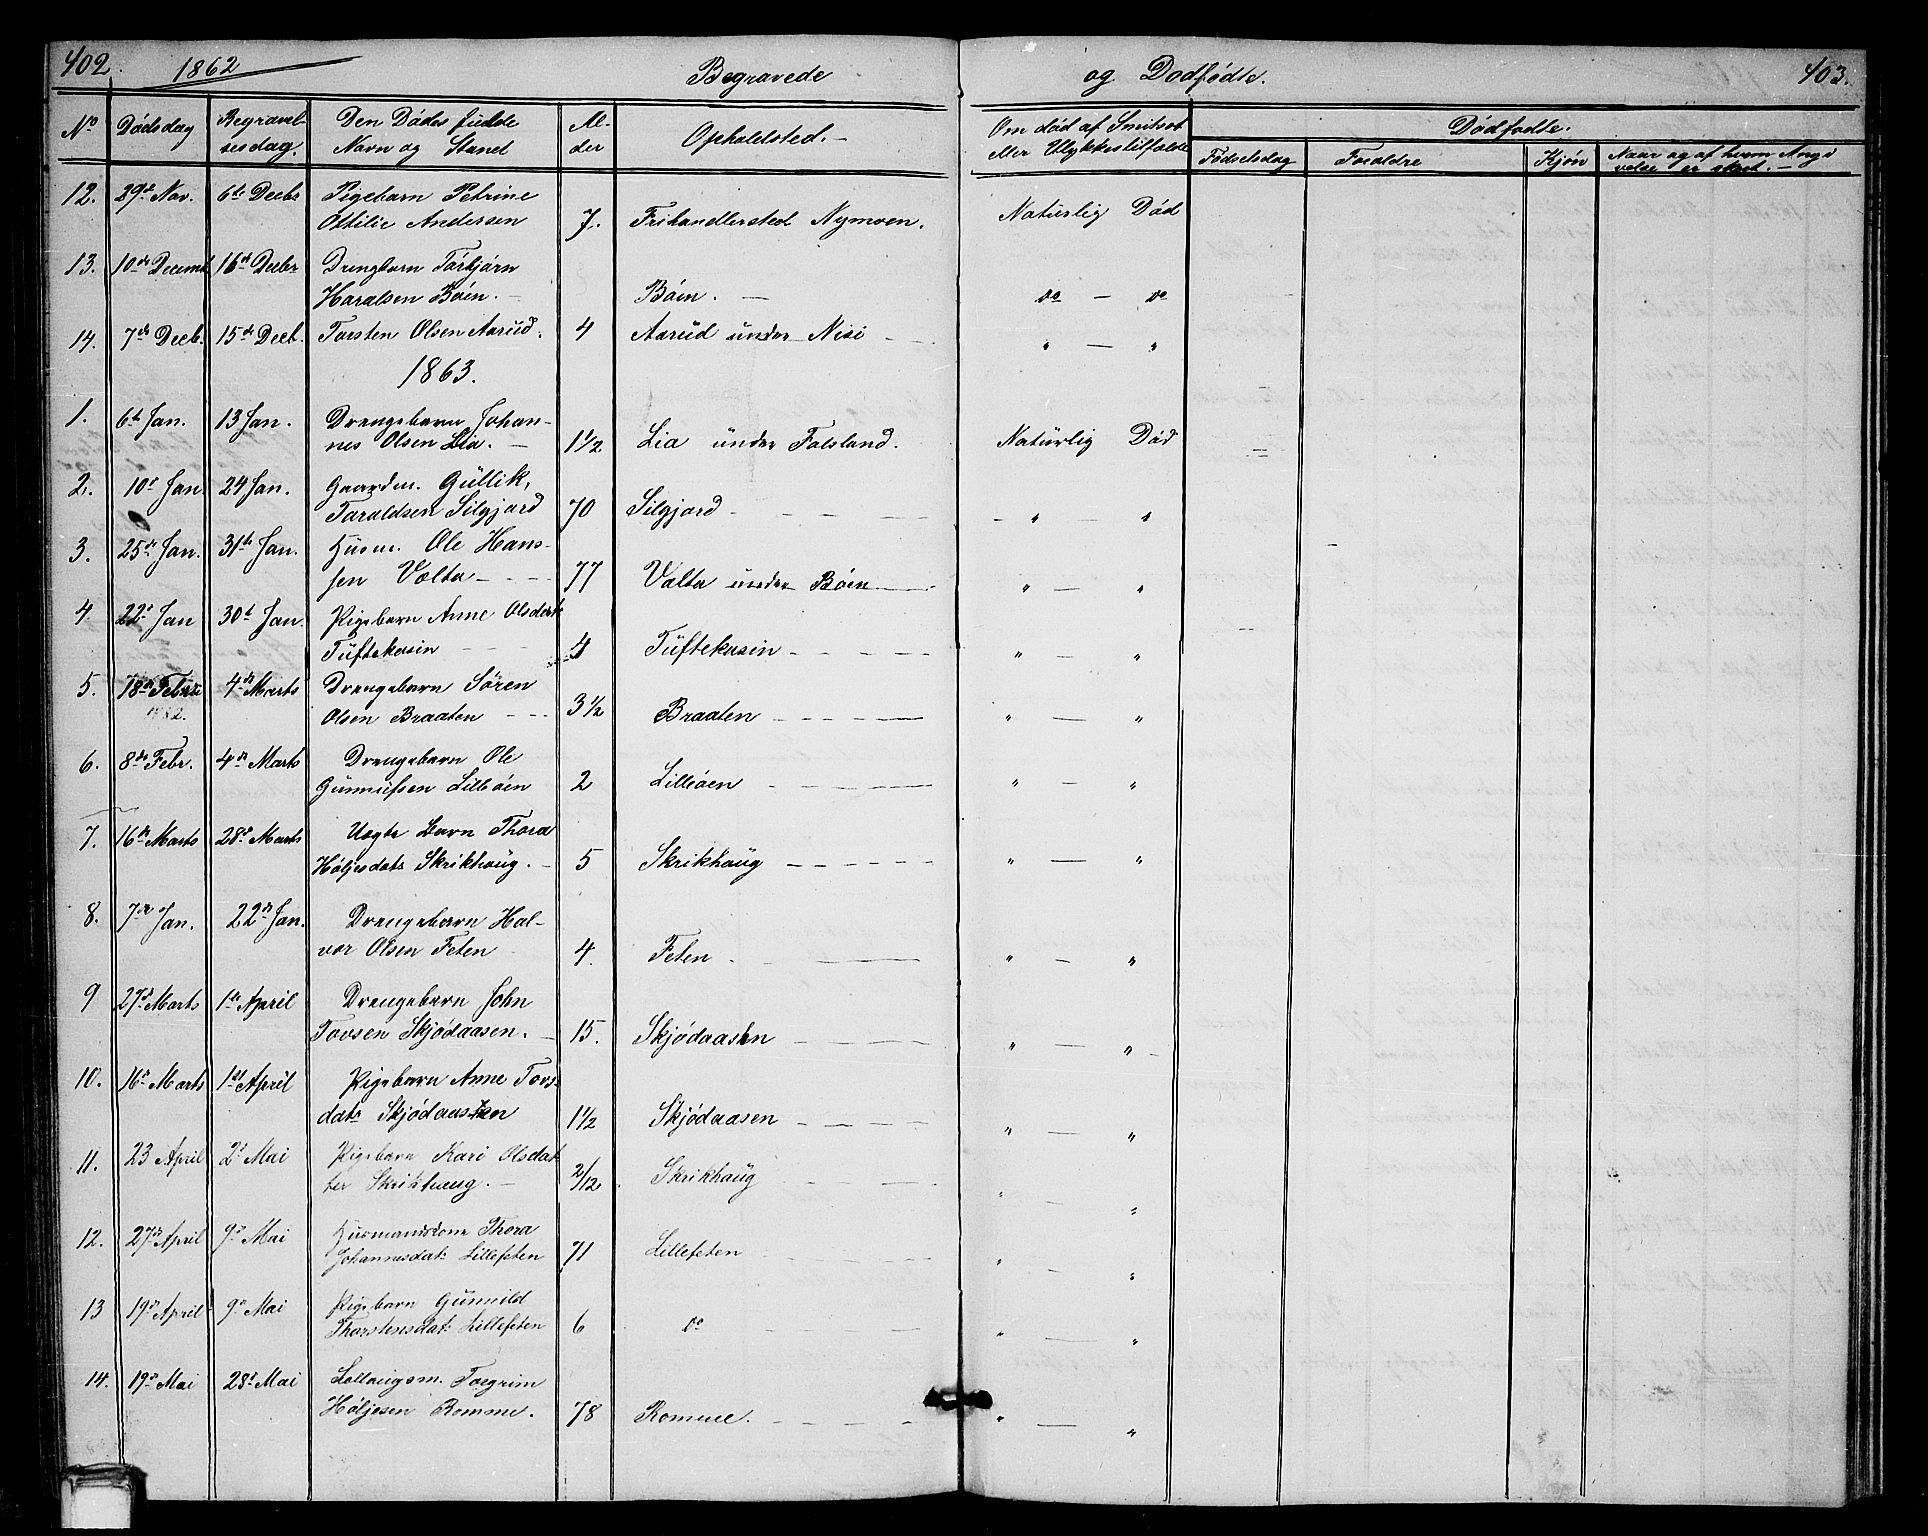 SAKO, Gransherad kirkebøker, G/Ga/L0002: Klokkerbok nr. I 2, 1854-1886, s. 402-403